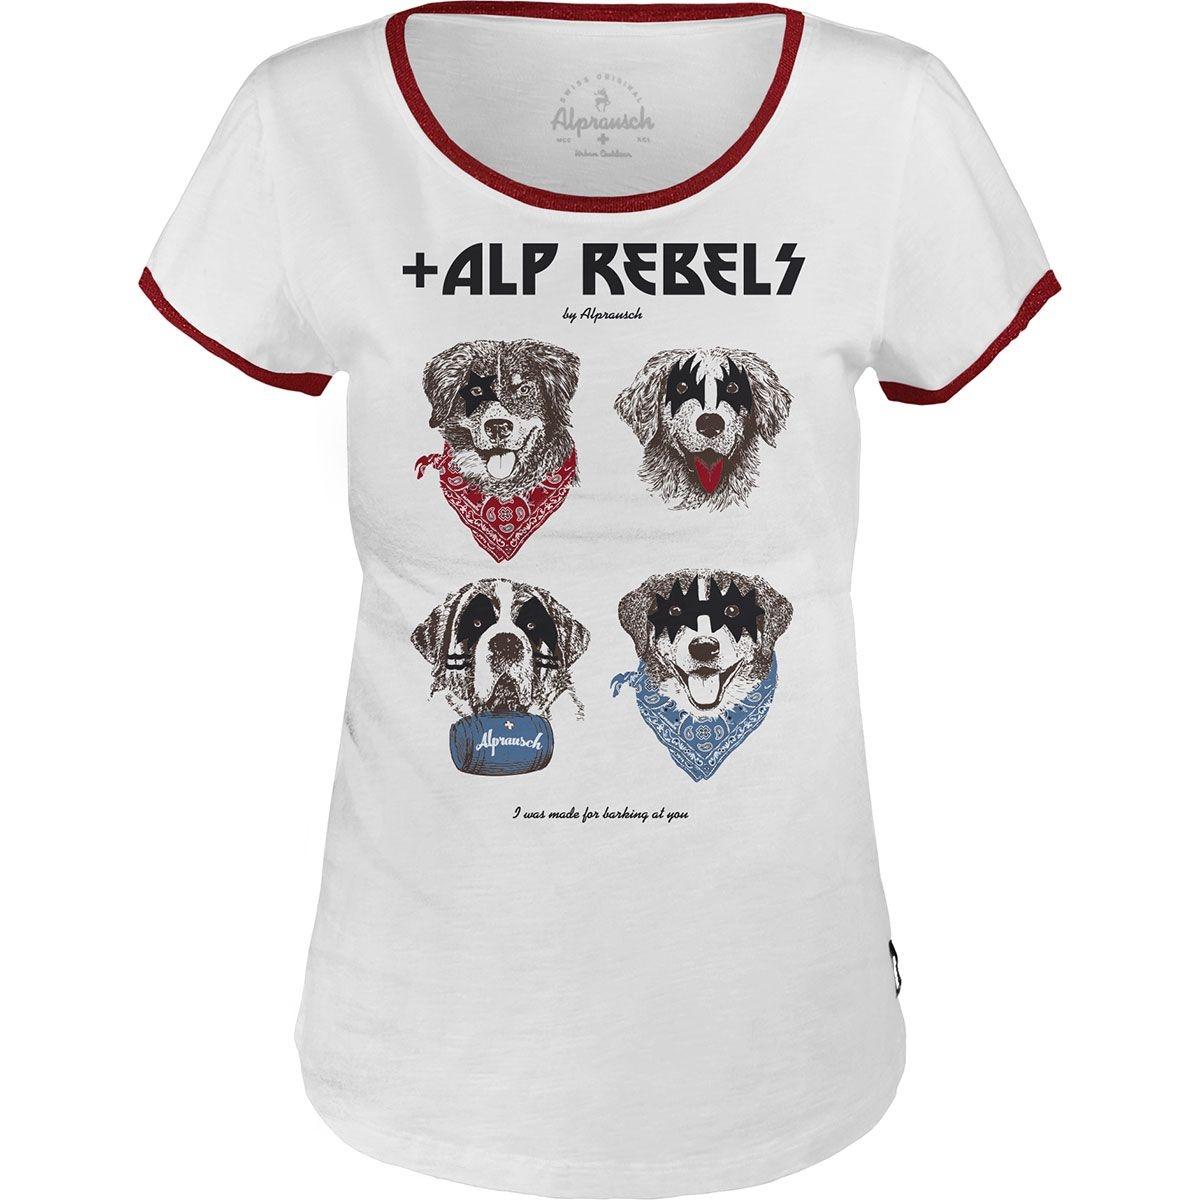 +ALPRAUSCH Damen REBELLIN Basic T-Shirt 60315 weiß